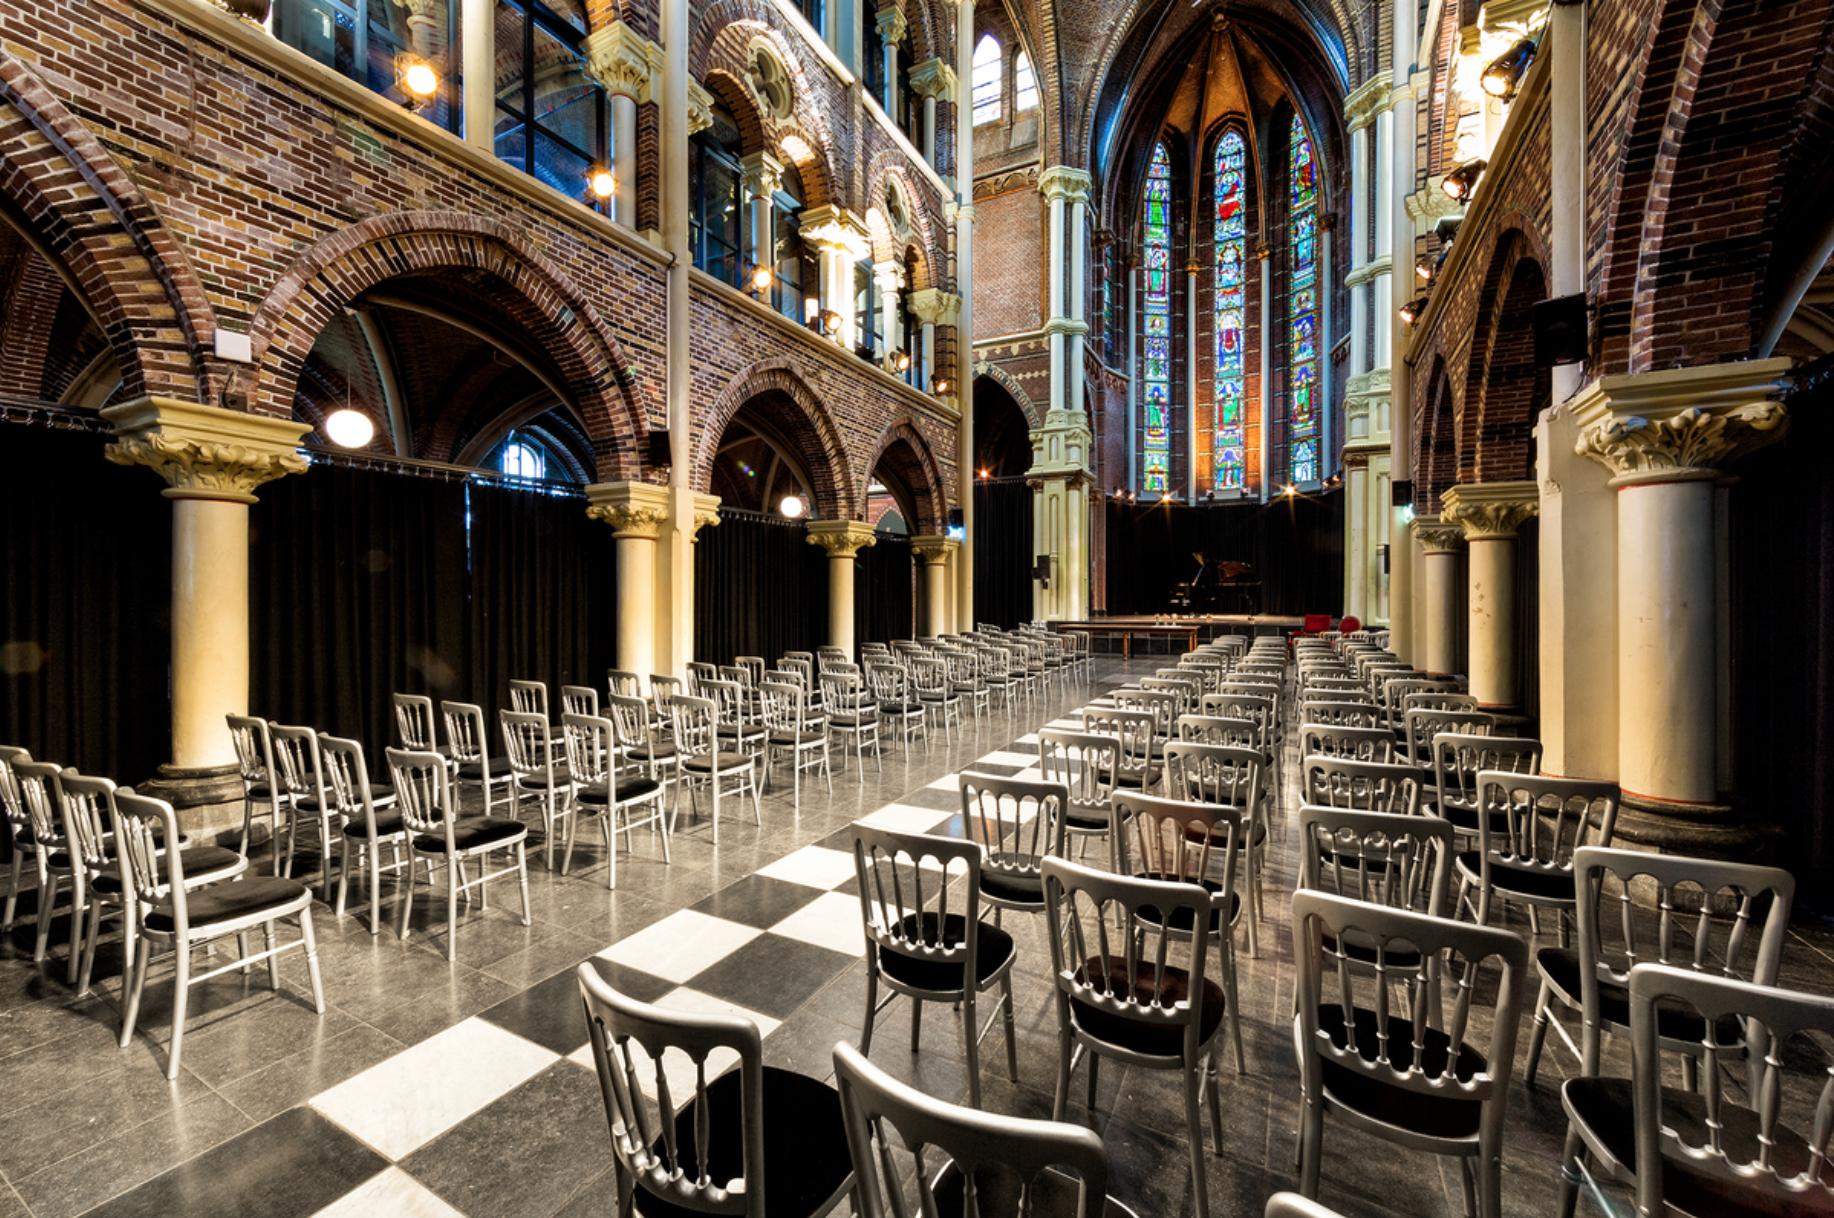 View of the interior of  De Posthoornkerk